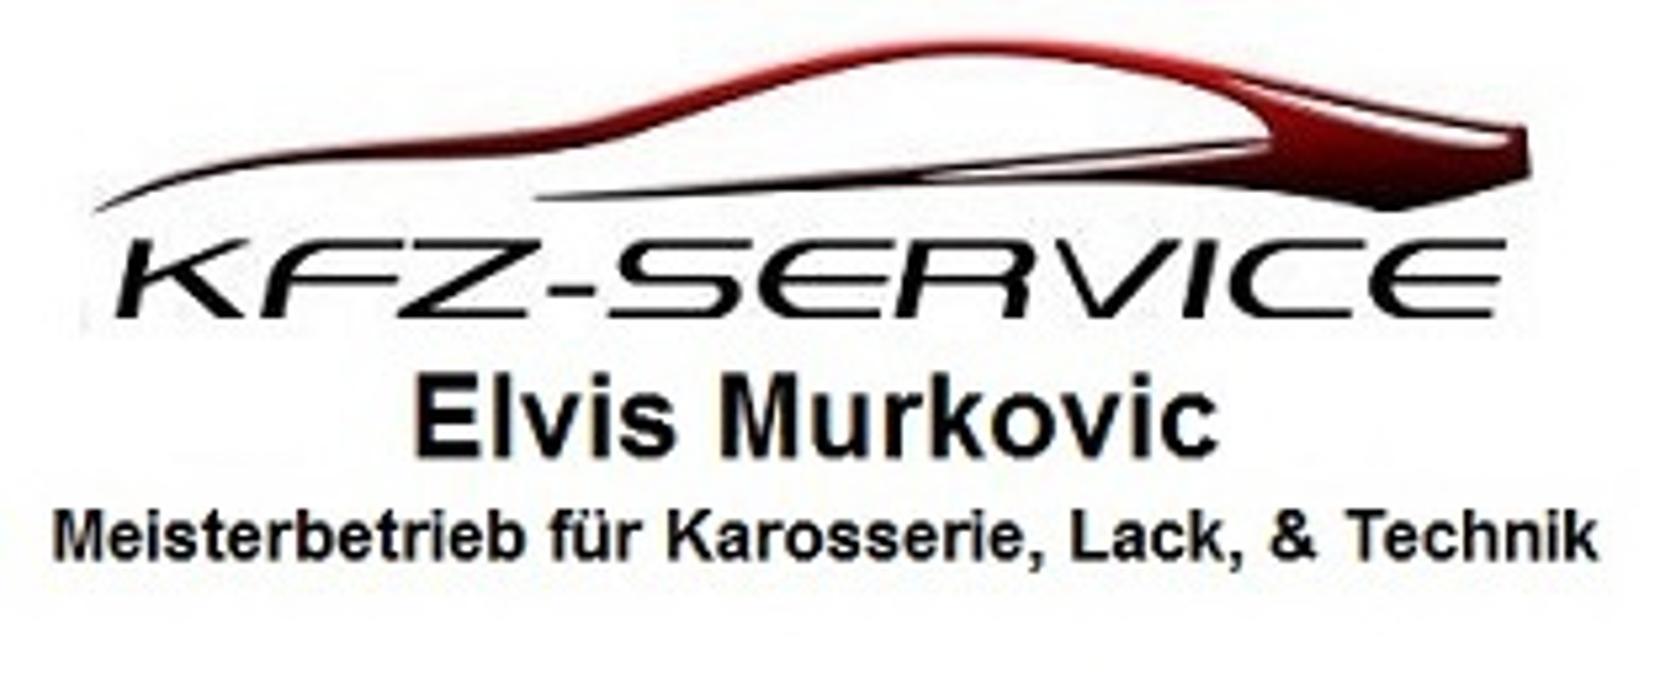 Bild zu Kfz - Service Murkovic Meisterbetrieb für Karosserie - Lack & Technik in München